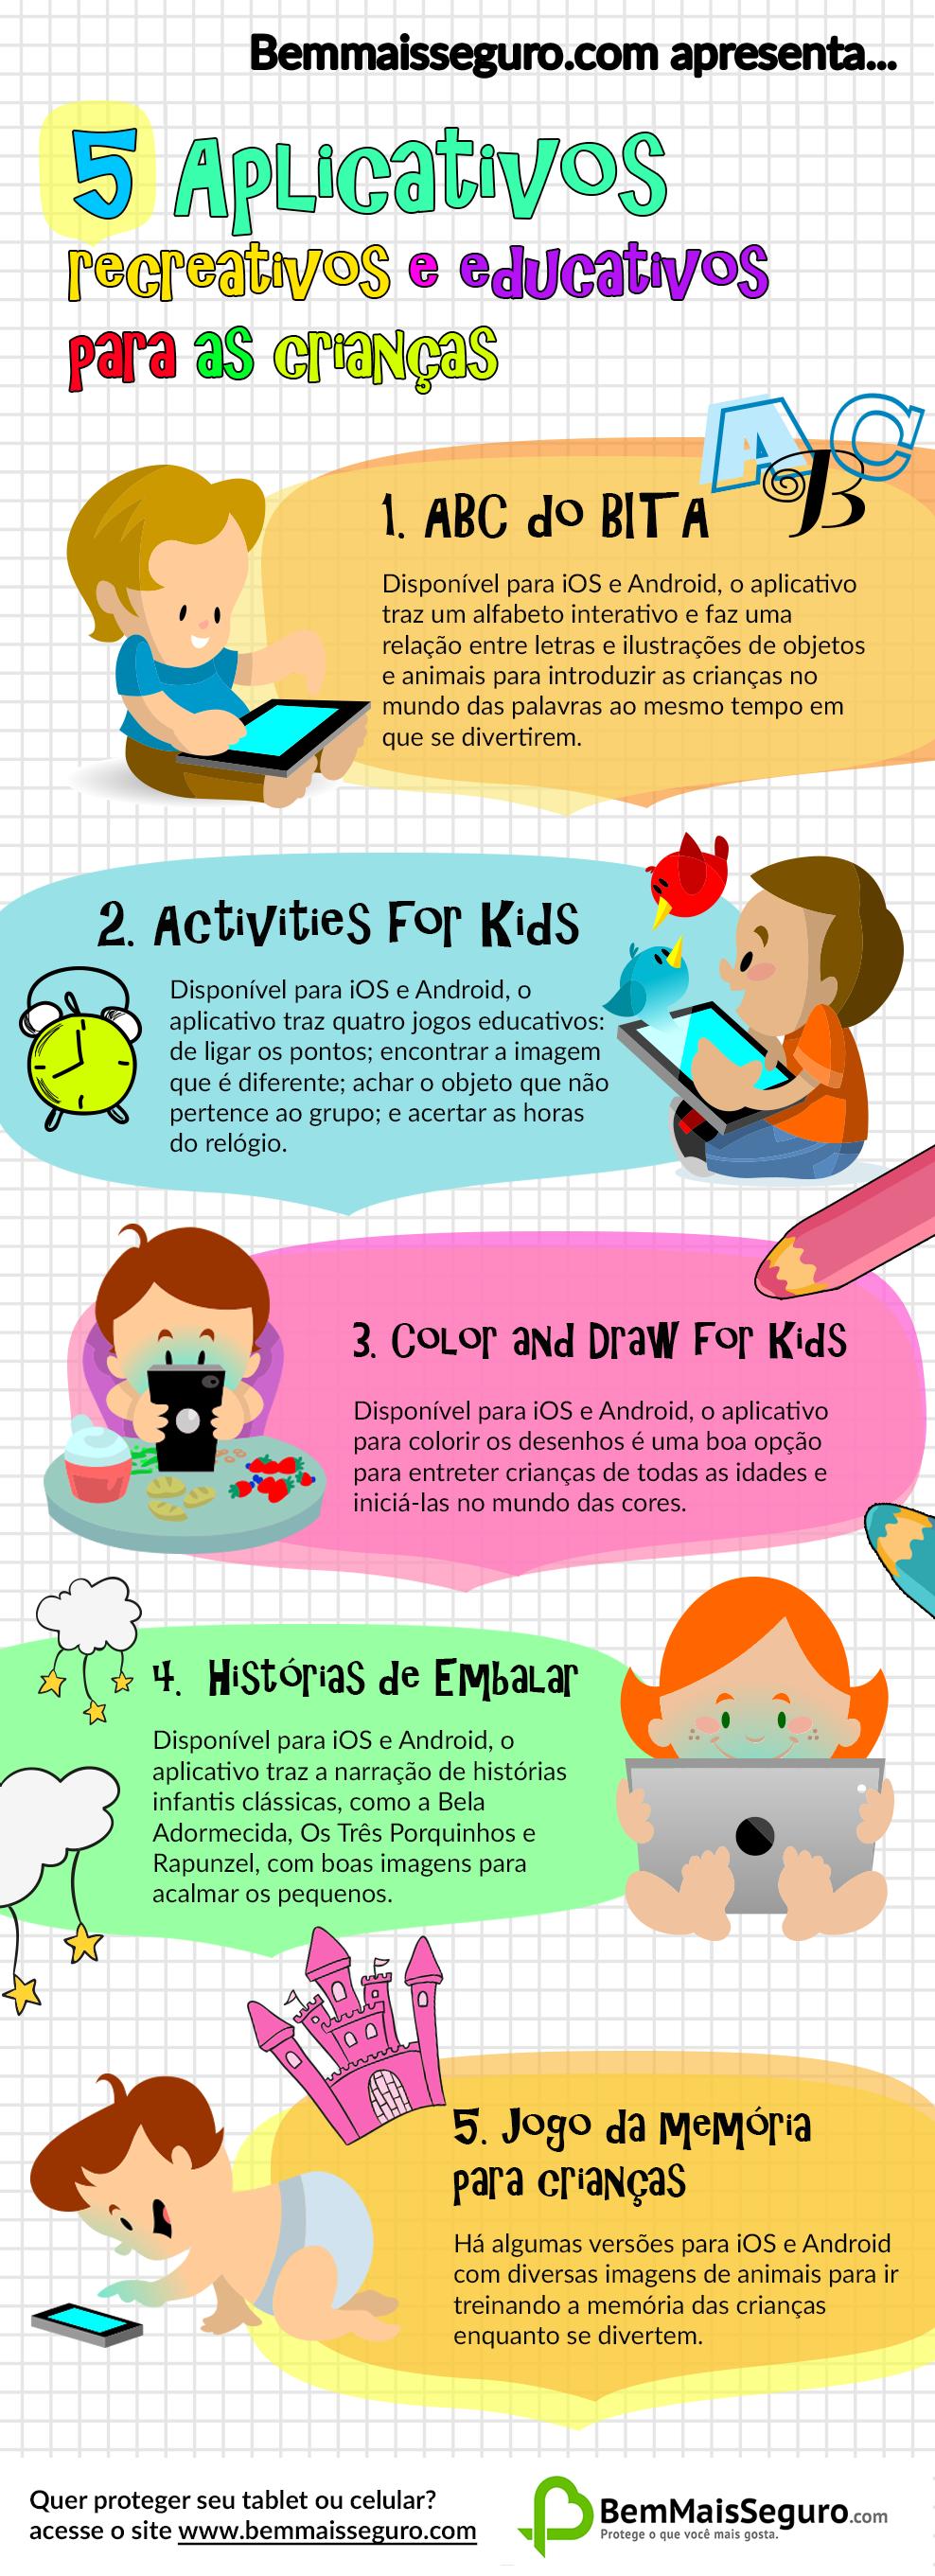 app_para_criancas_bemmaisseguro.com